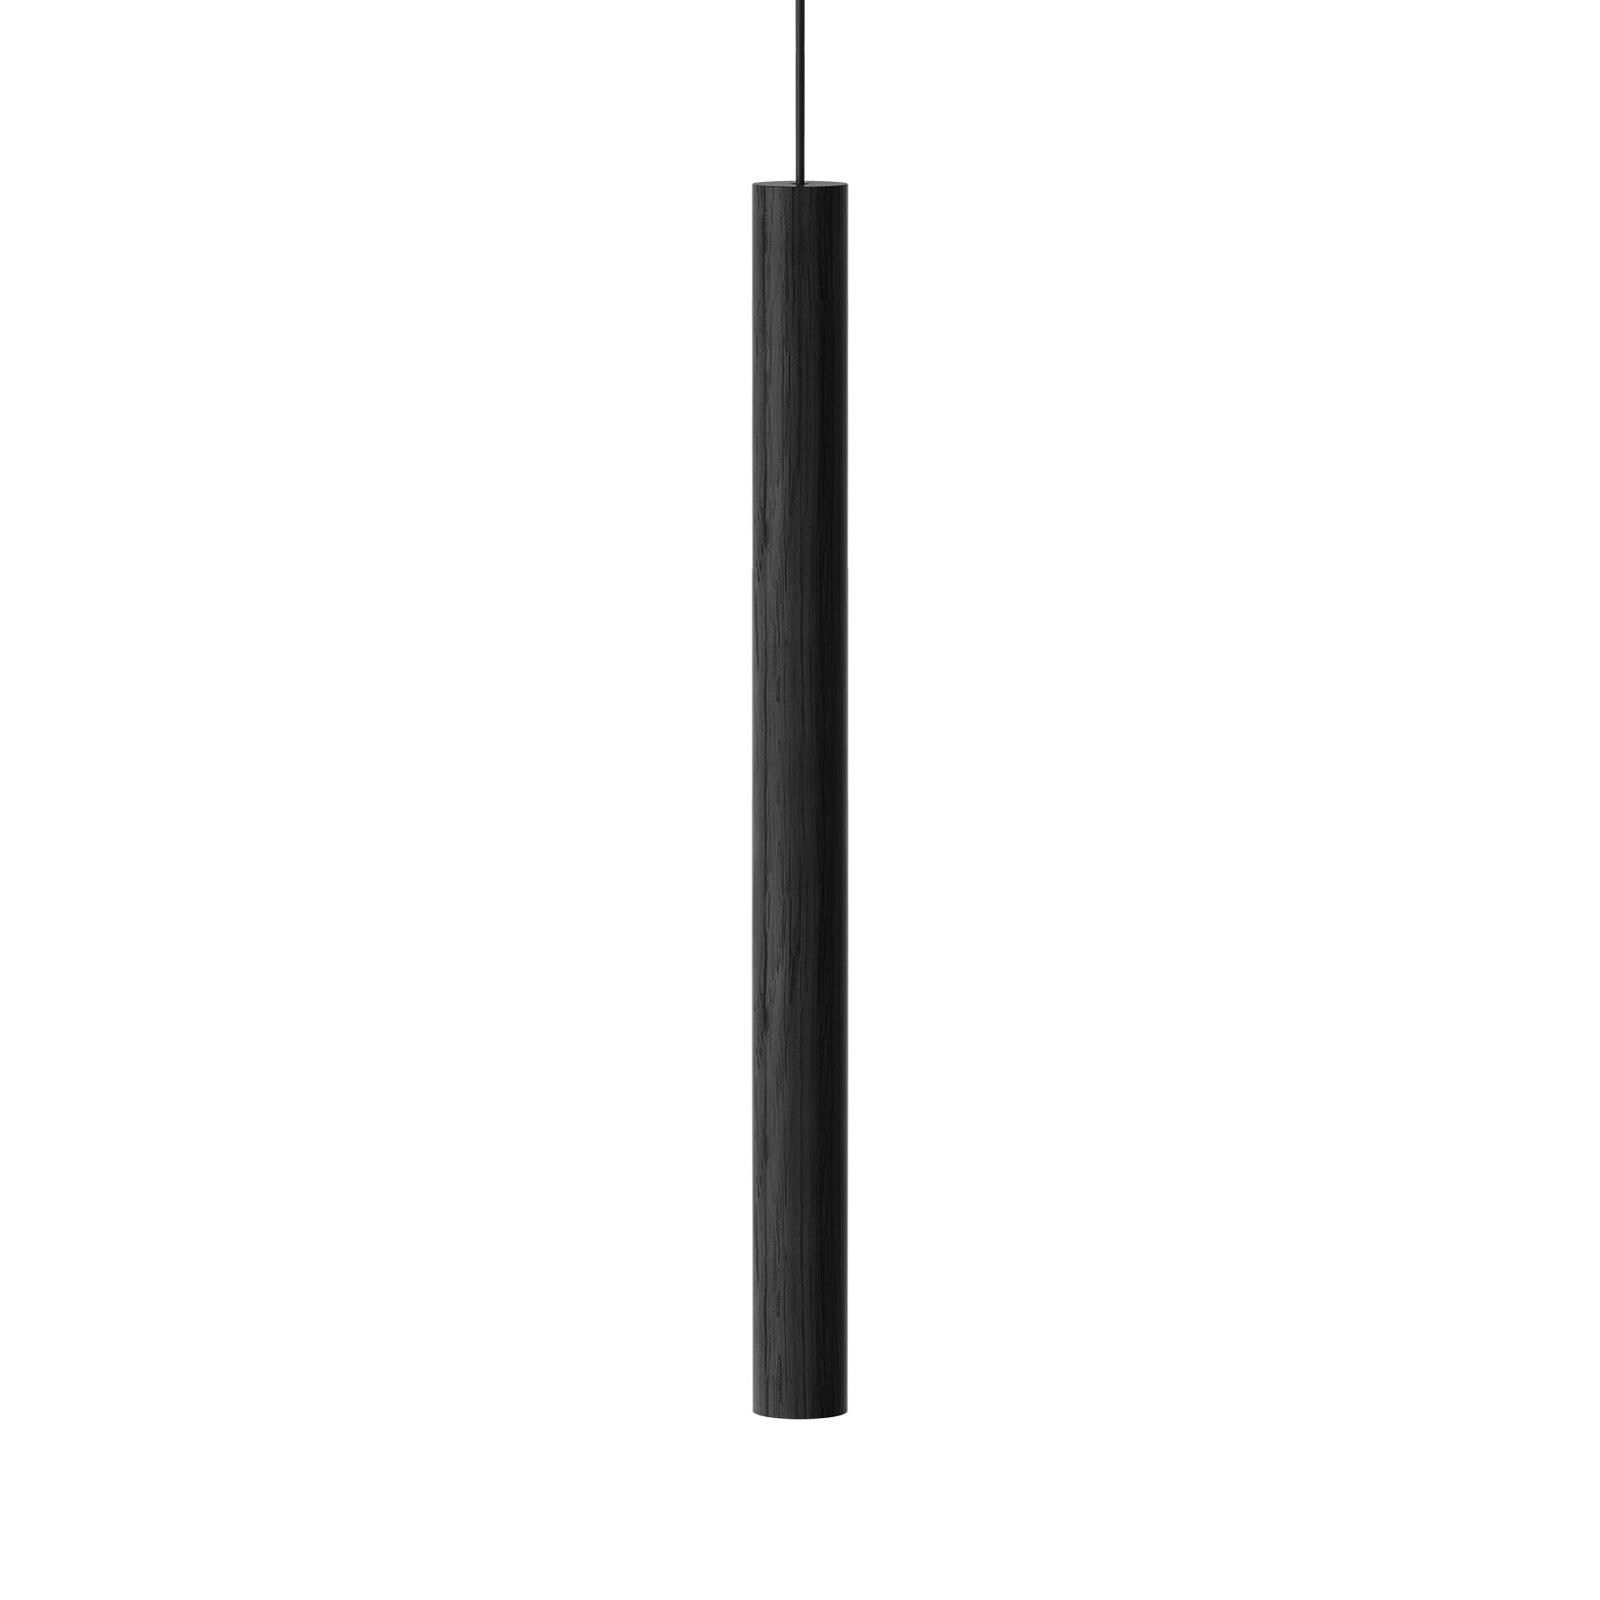 UMAGE Chimes Tall LED-pendellampe svart eik